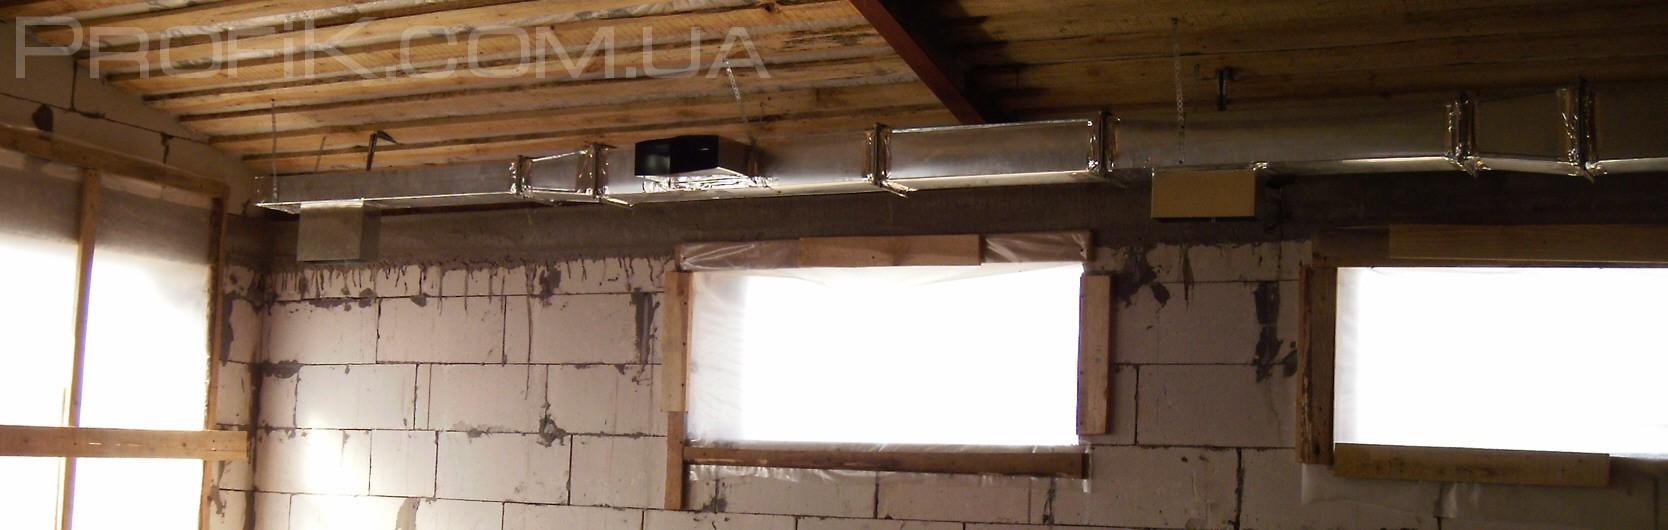 Вентиляция в гараже цена